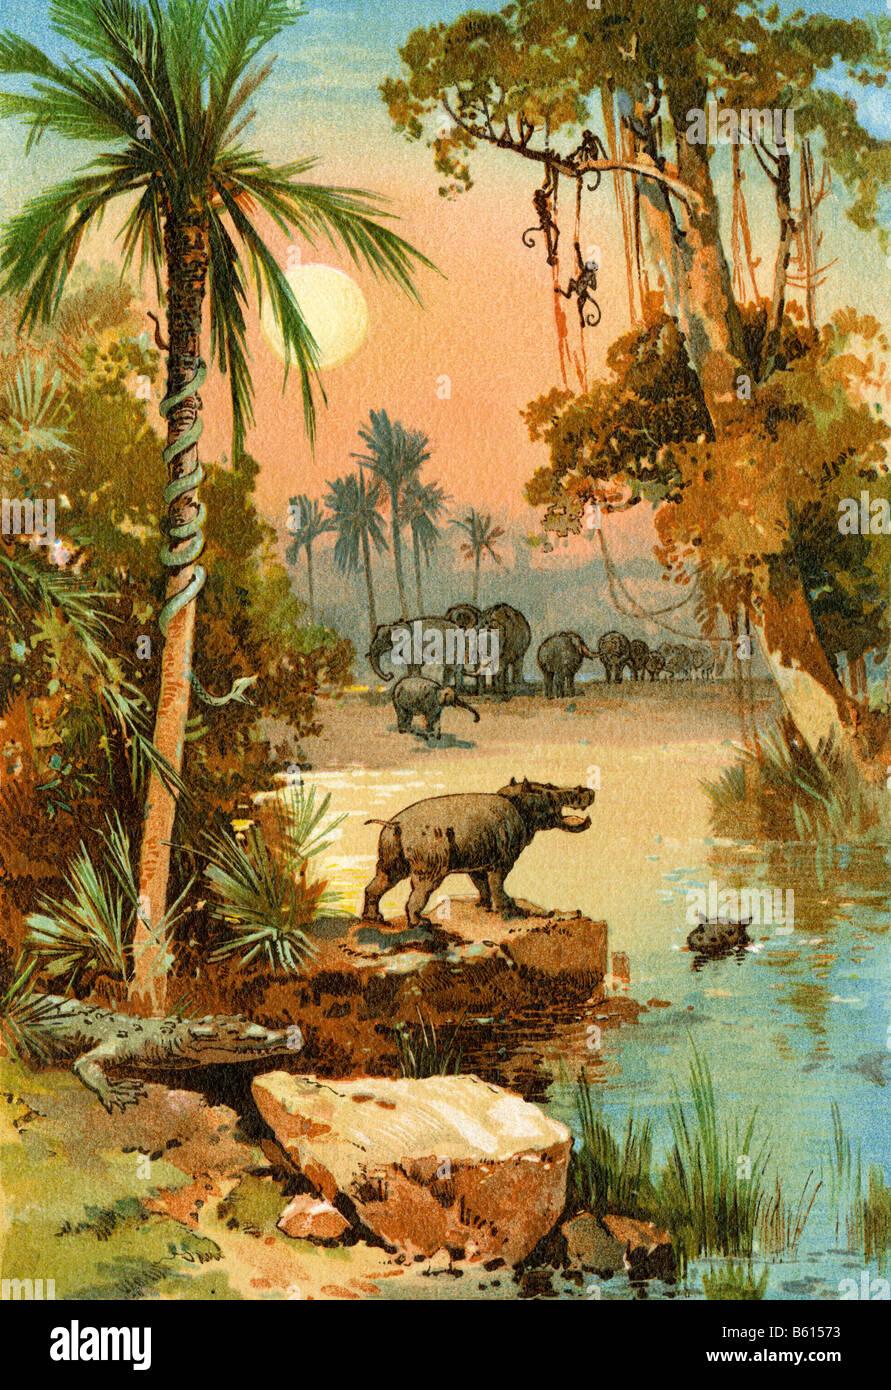 Elefanten und Flusspferden entlang der Kongo River. Farblithographie Stockbild